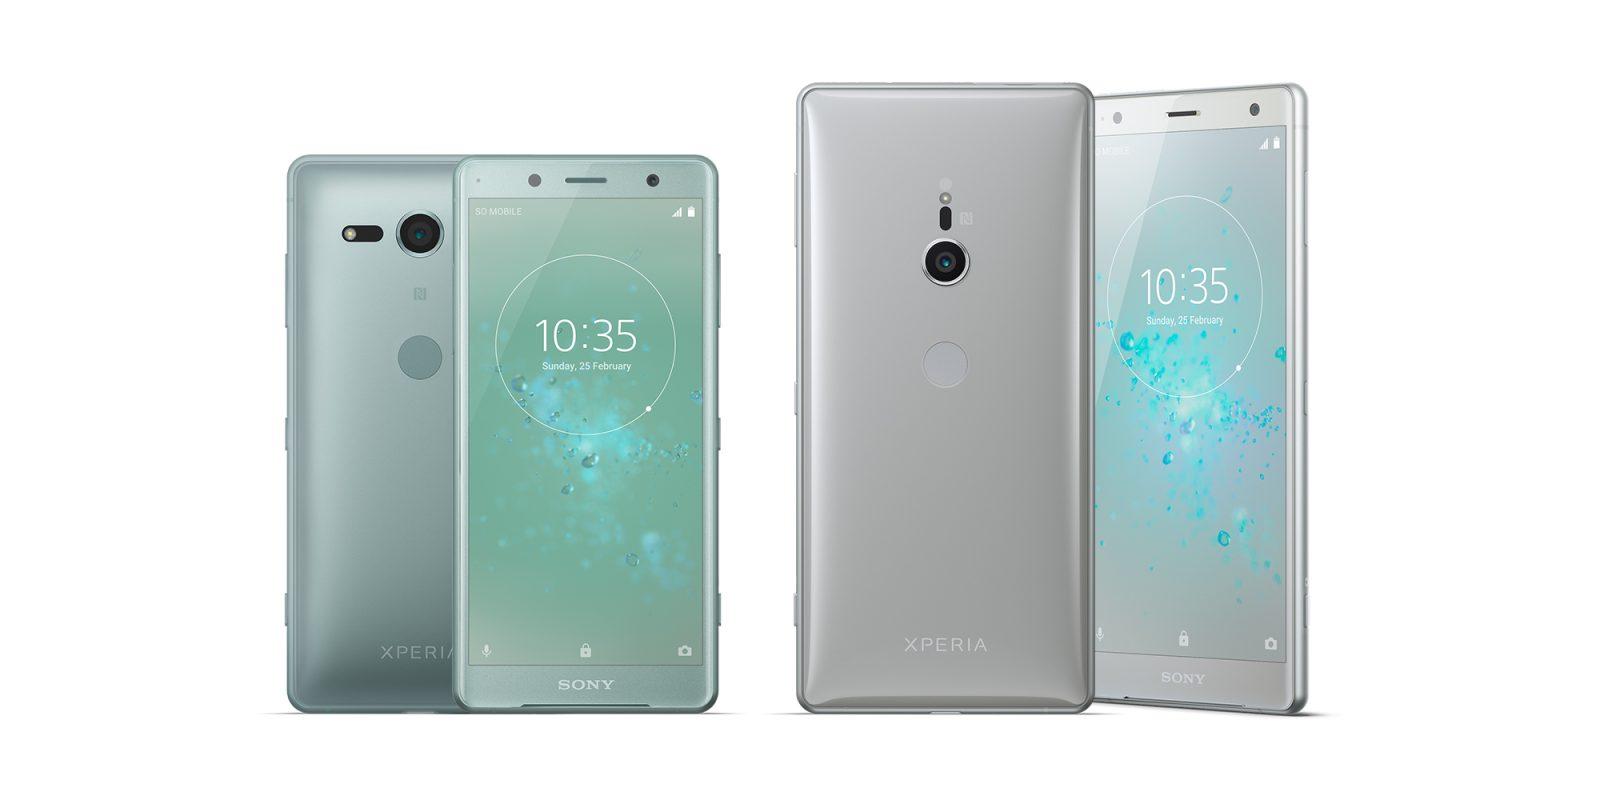 sony xperia xz2 unlocked smartphone